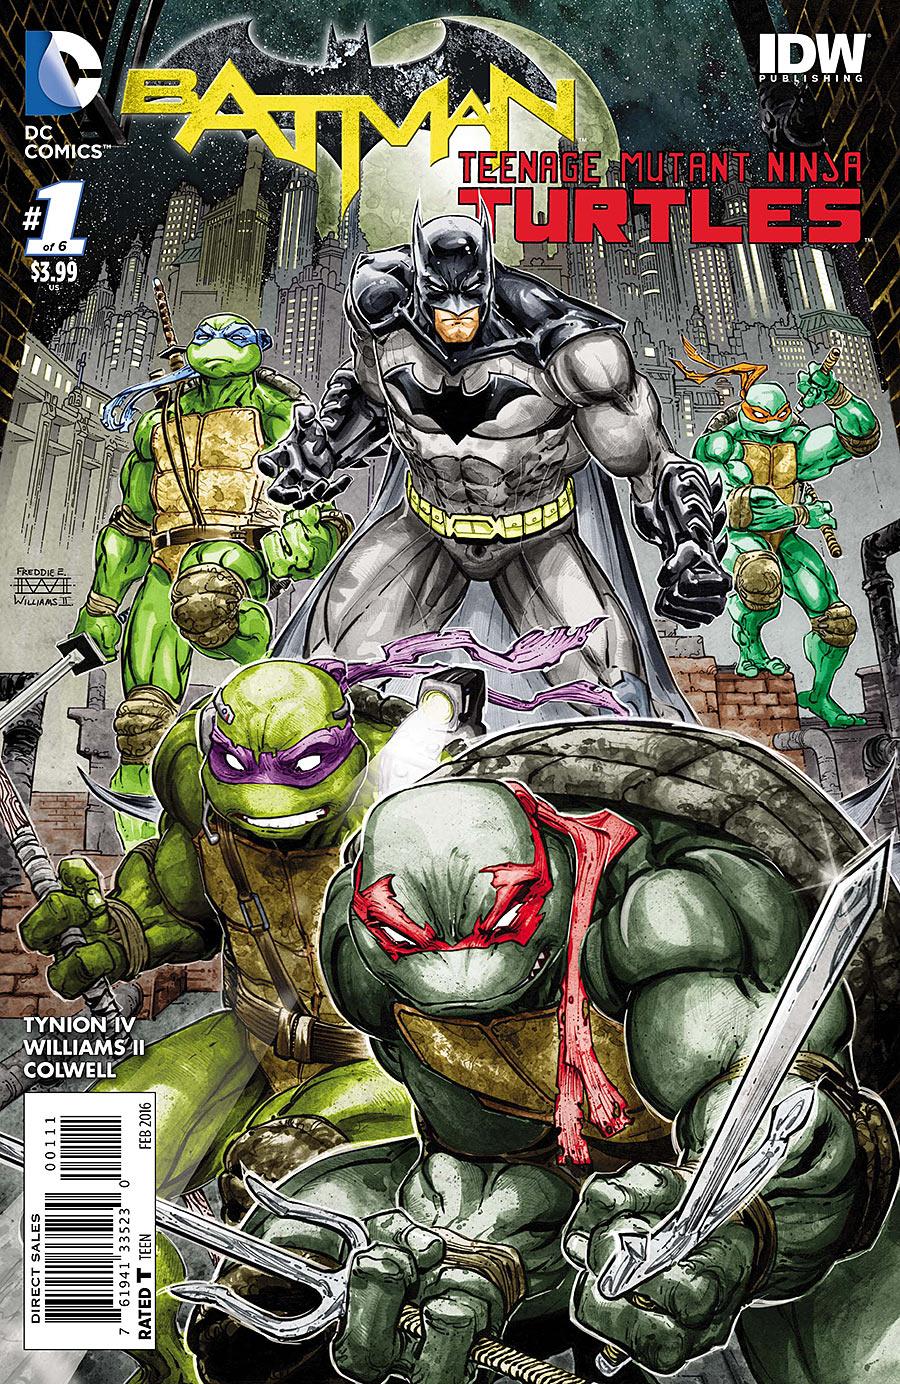 Batman / Teenage Mutant Ninja Turtles #1